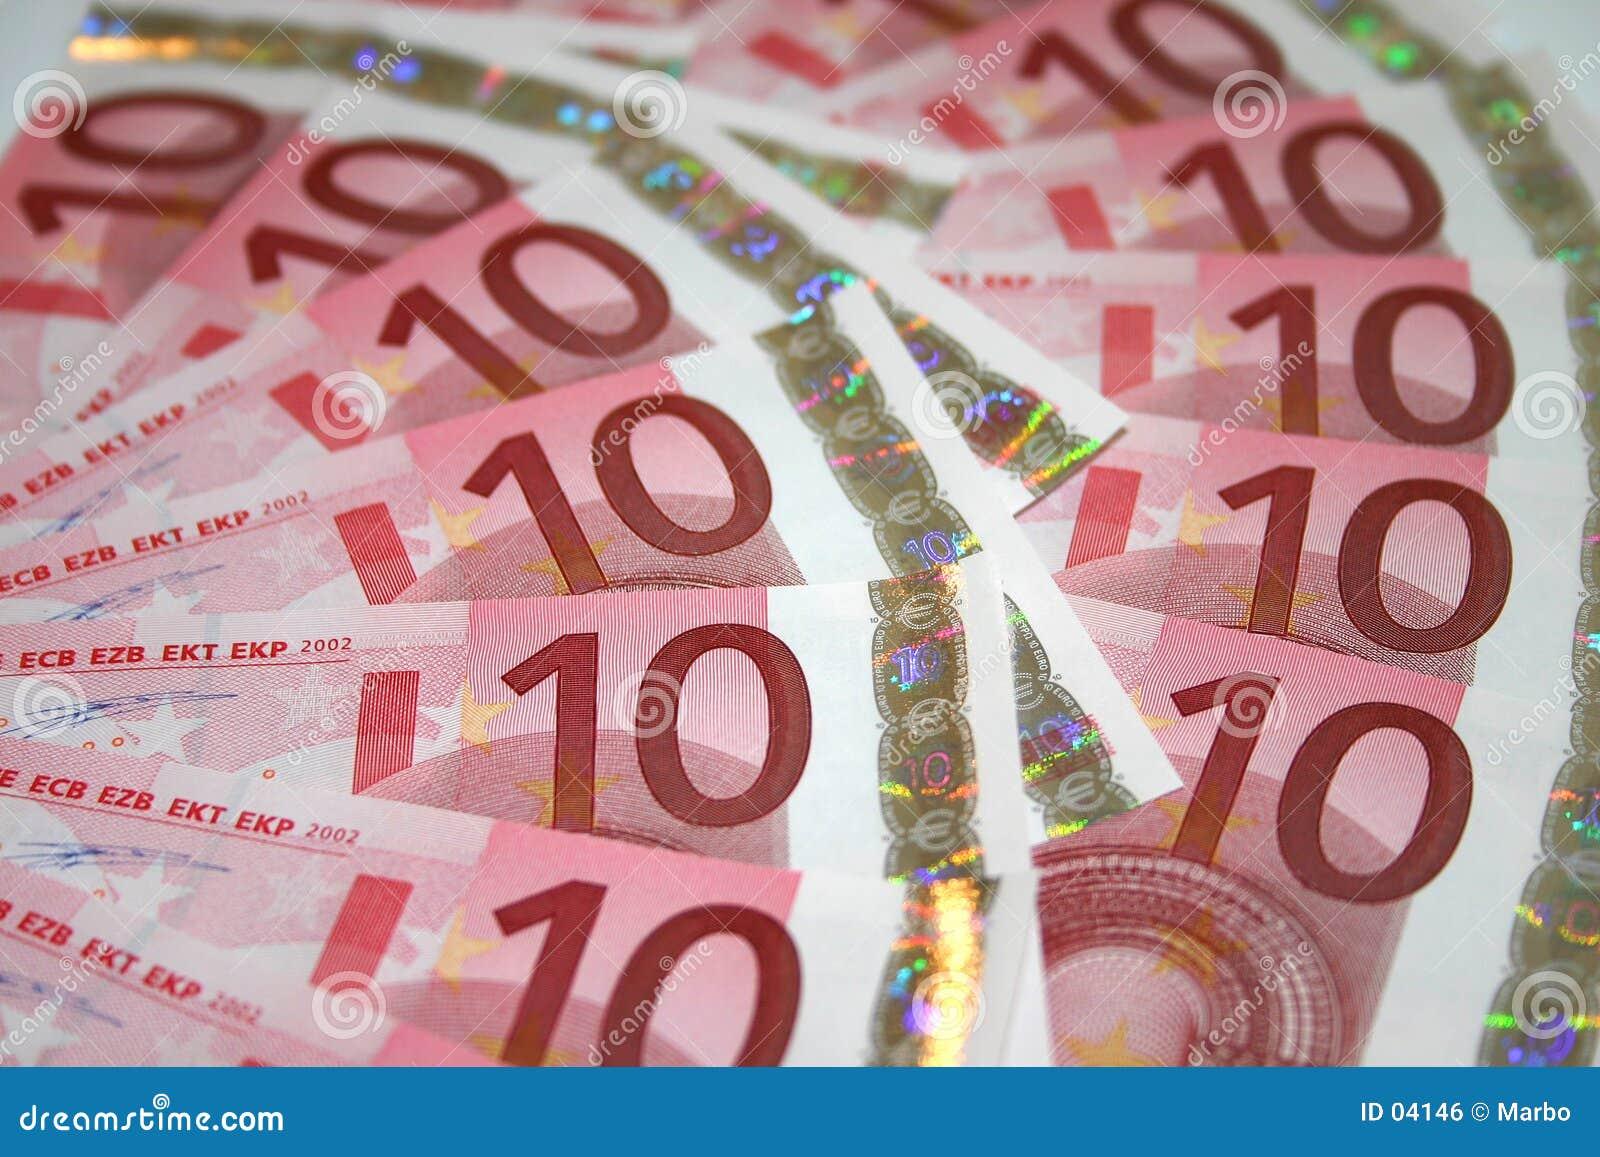 Euro 10 Rechnungen